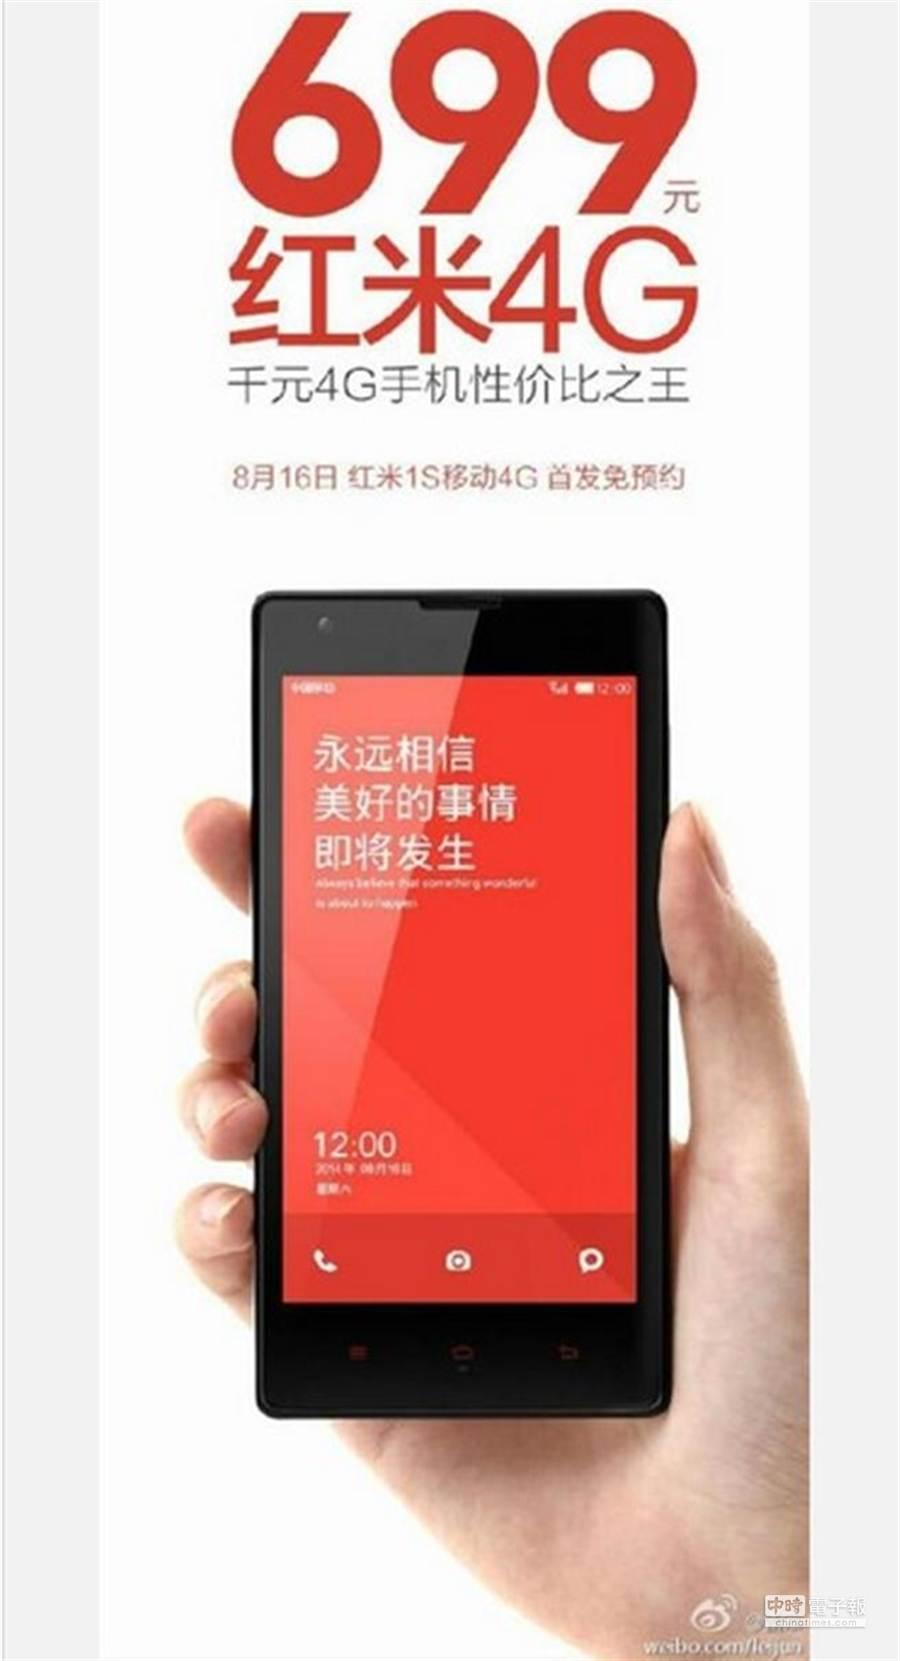 搶攻4G龐大商機,紅米1S 4G版本周六正式開賣。(圖片來源:小米創辦人雷軍微博)